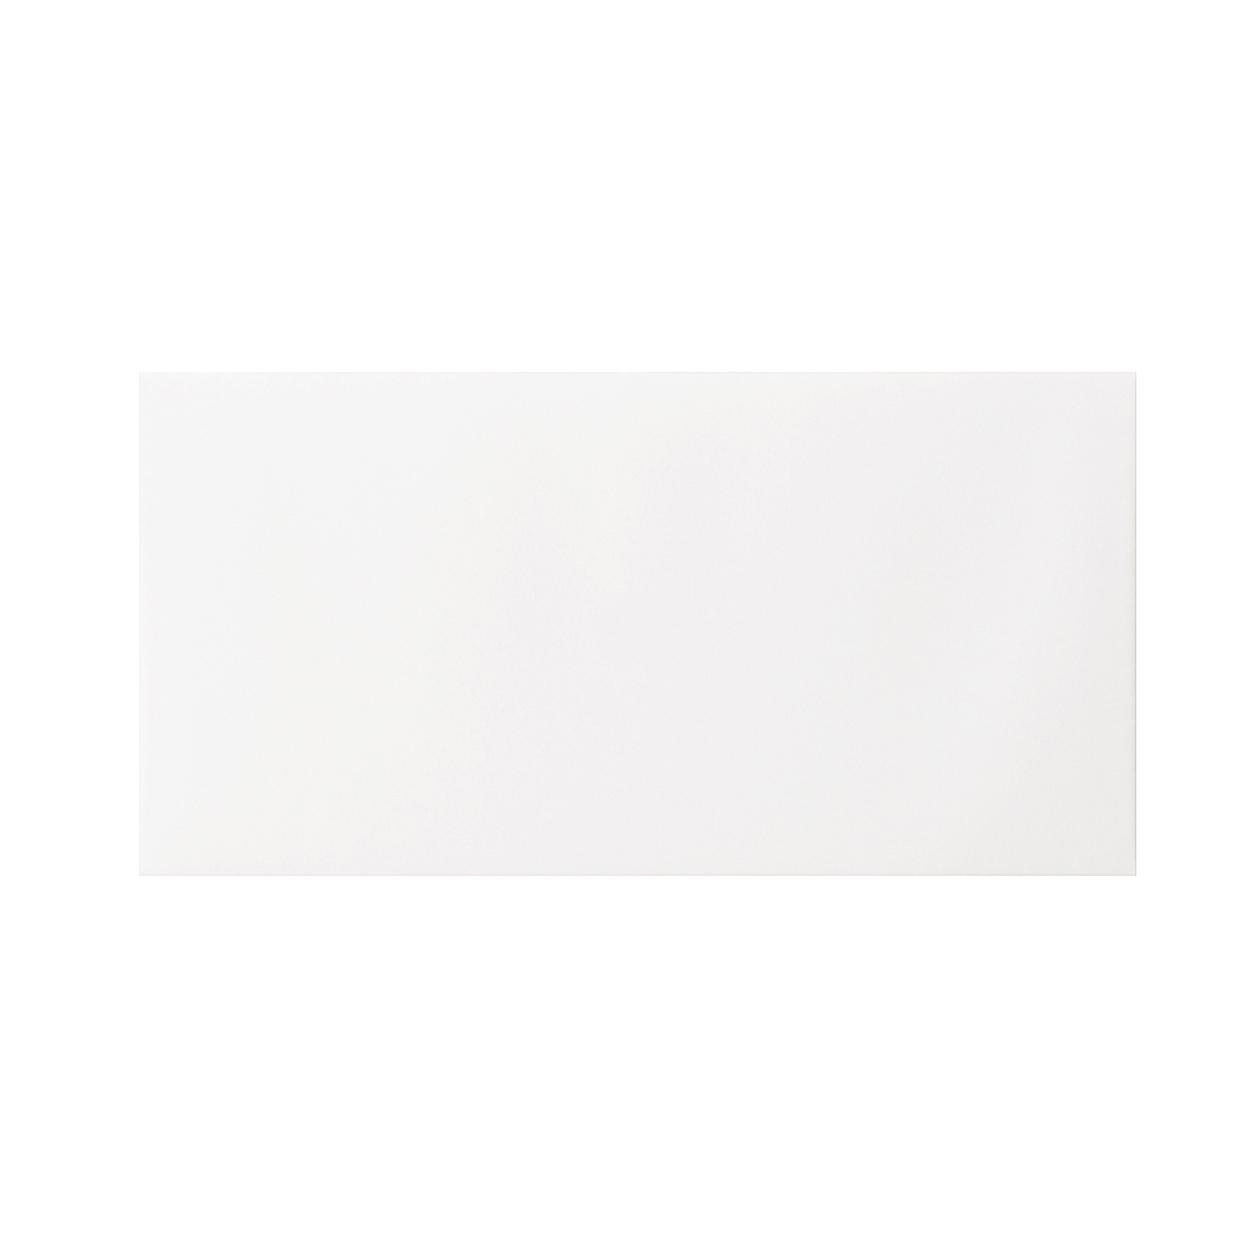 長3カマス封筒 オペーク ハイホワイト 116.3g